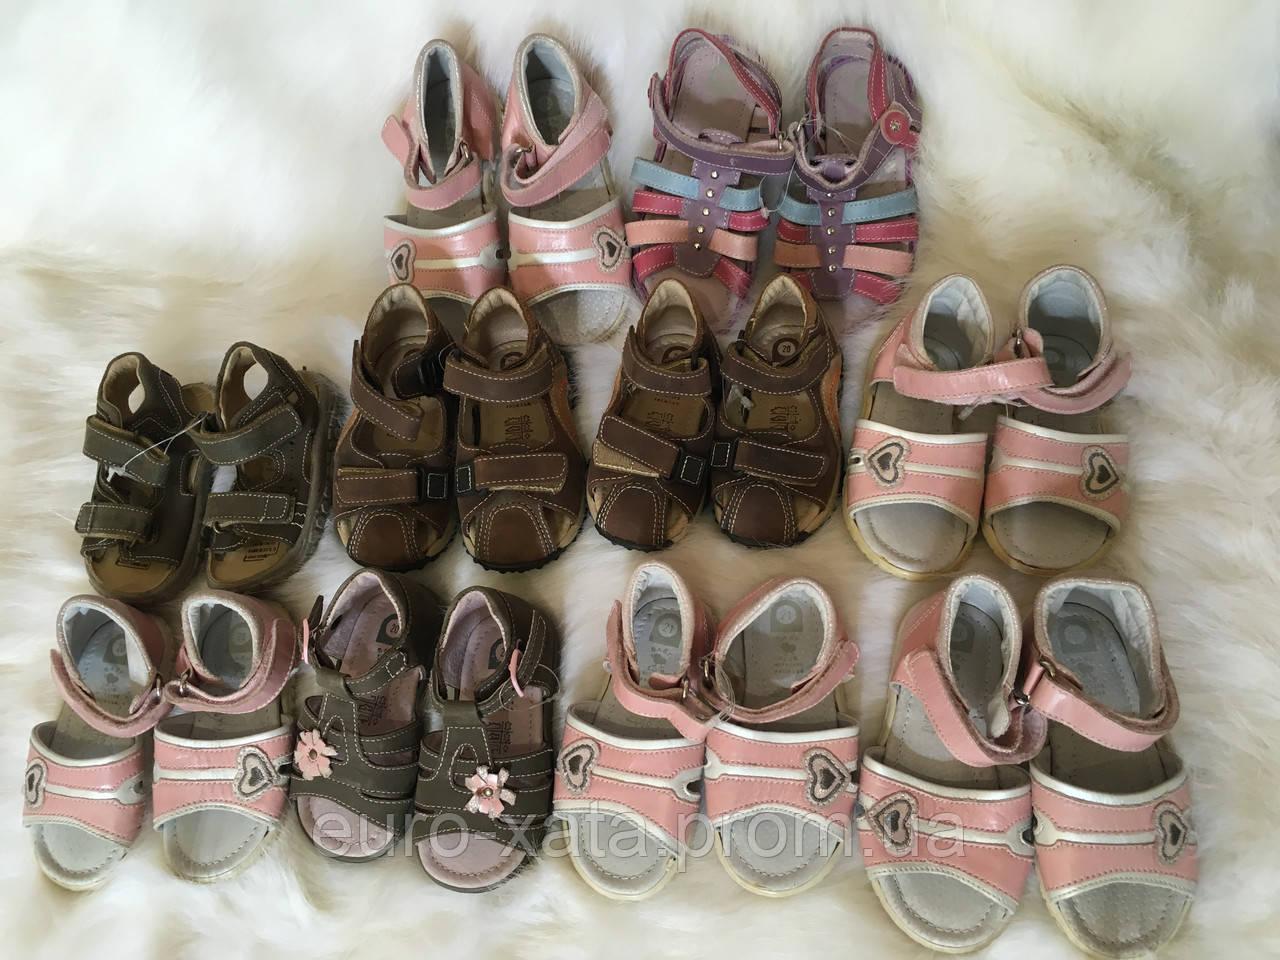 Лот детской обуви Германия